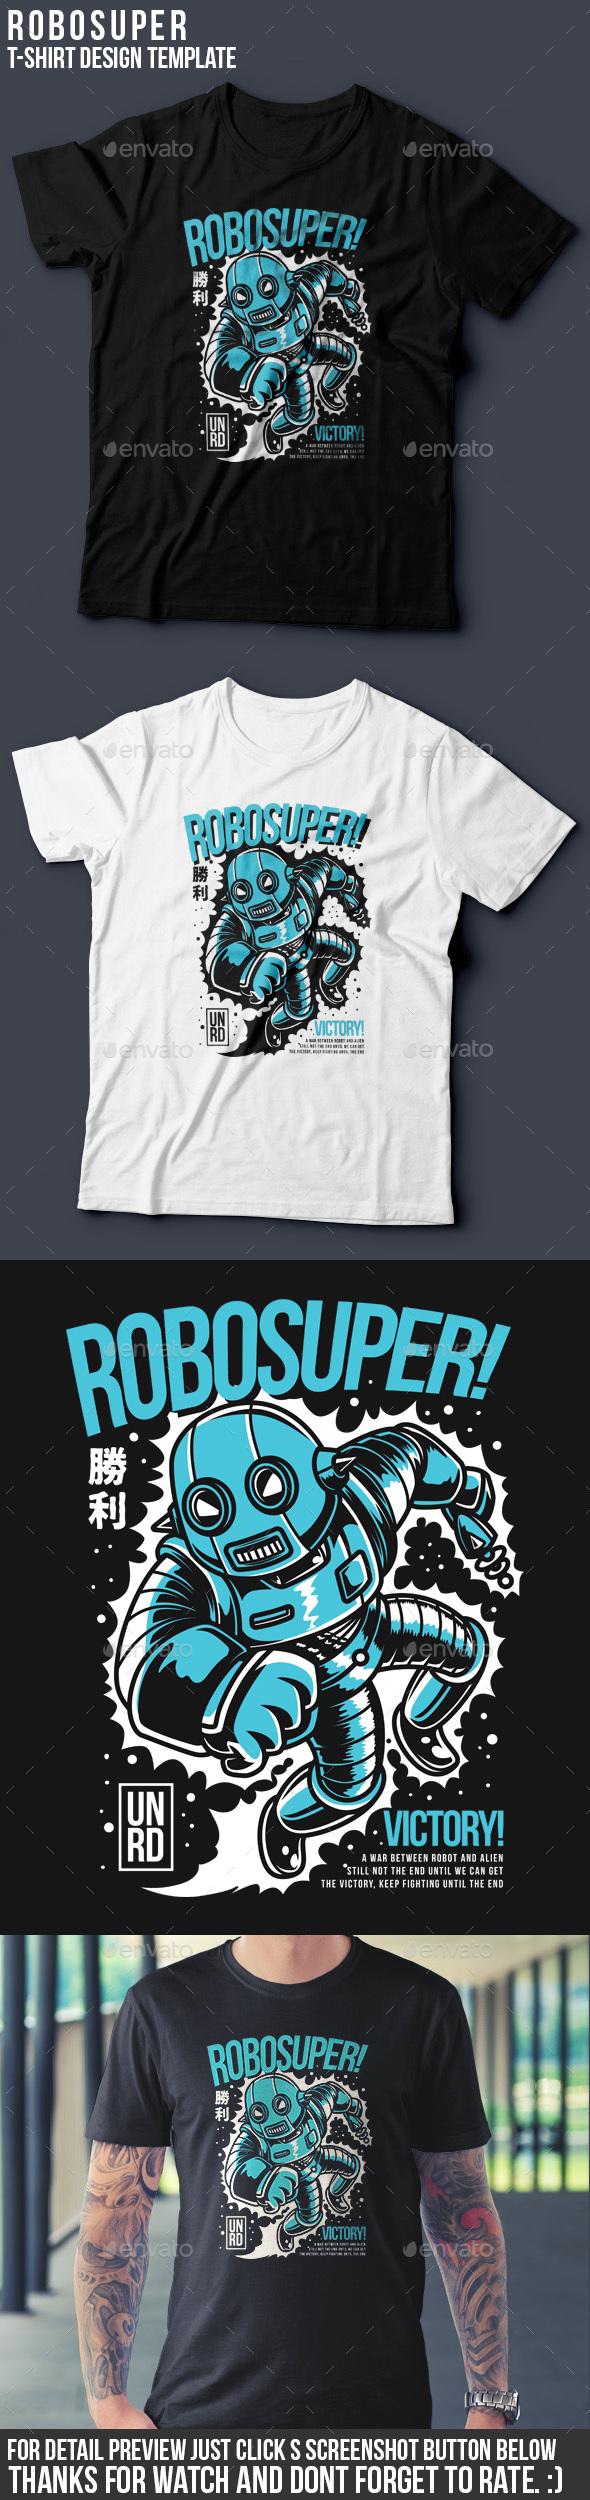 Shirt design template size - Shirt Design Template Size 60